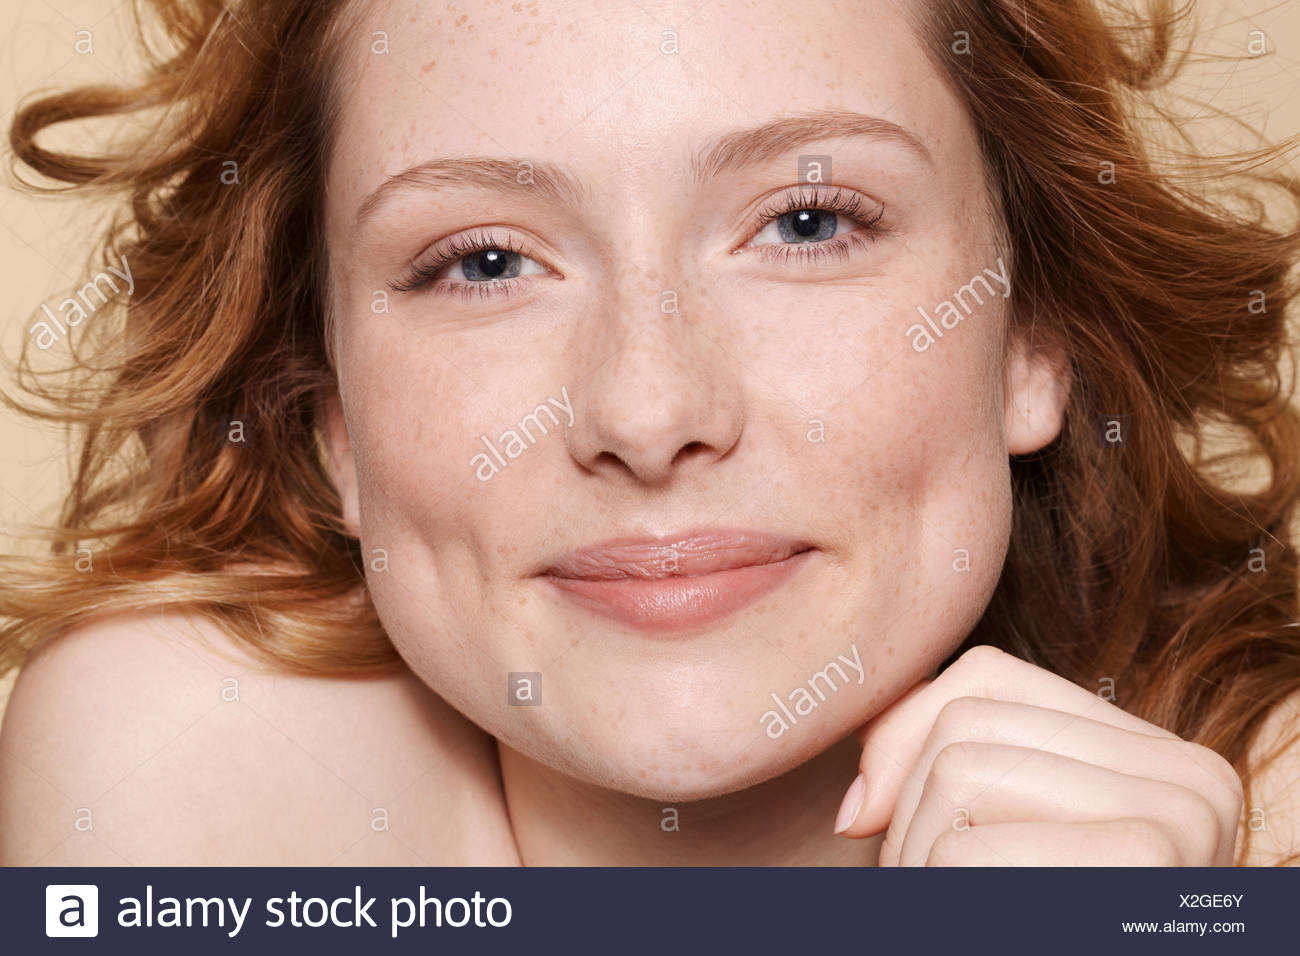 Foto de estudio de la mujer joven con pelo rojo rizado, con la mano en la barbilla Imagen De Stock